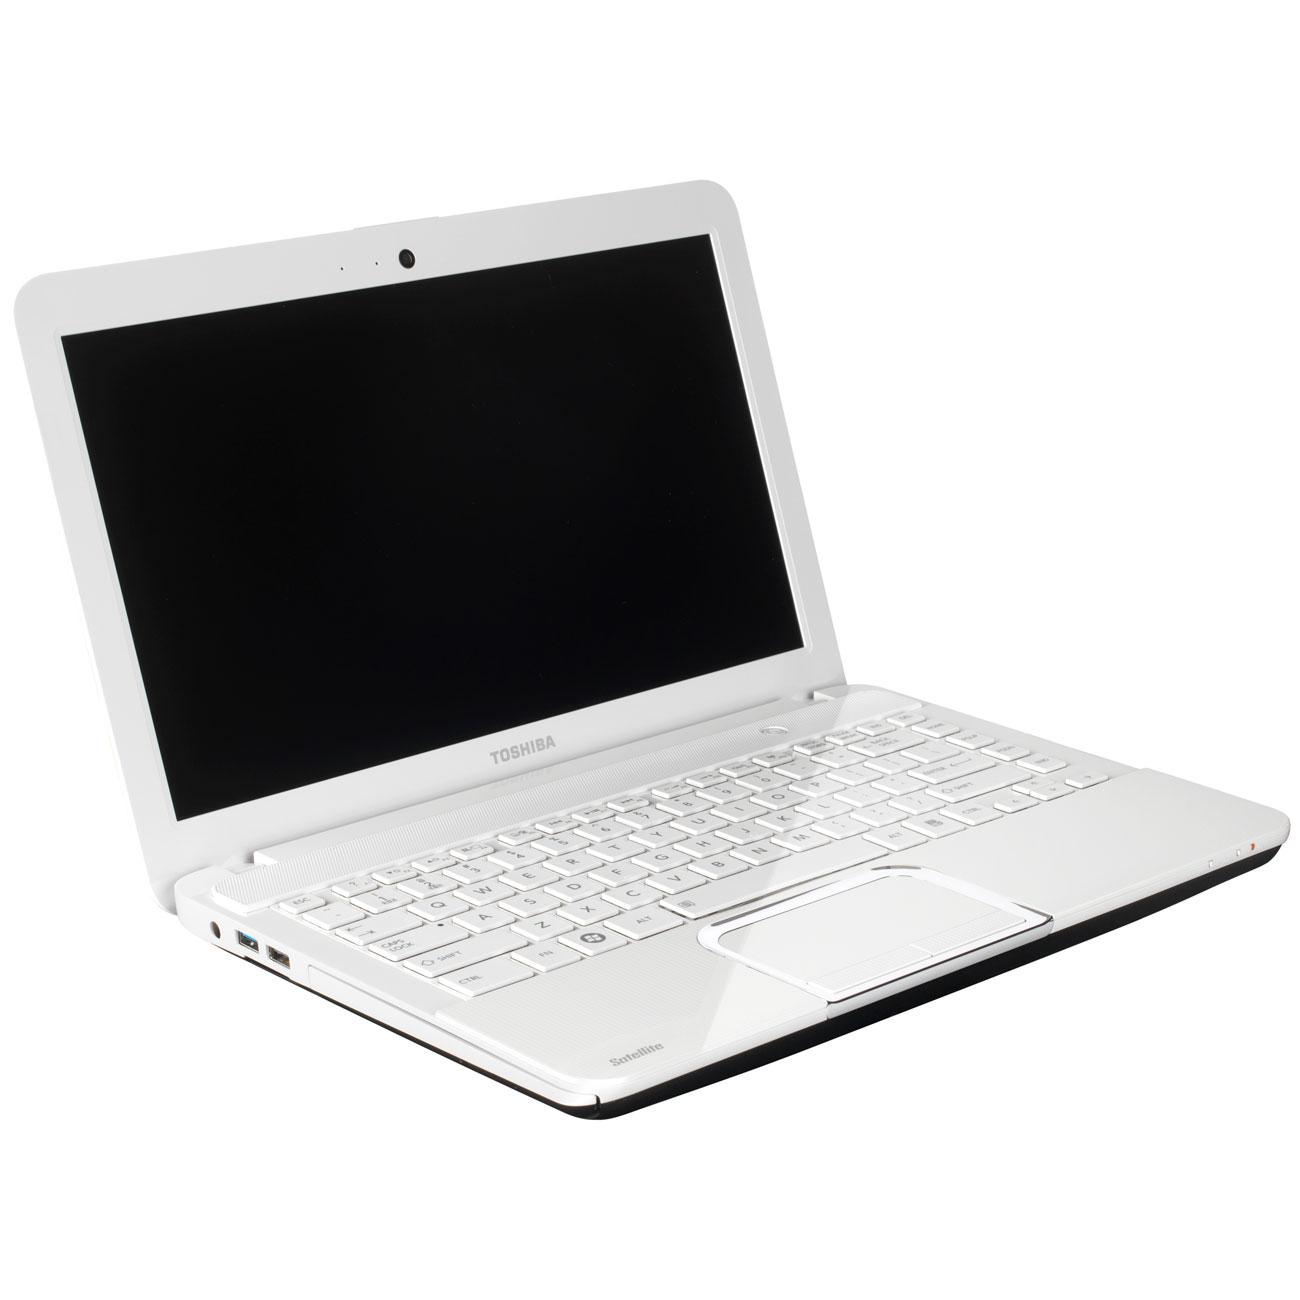 Jeux 3 Ans Ordinateur Portable Toshiba | Spywetathma.cf avec Ordinateur 3 Ans